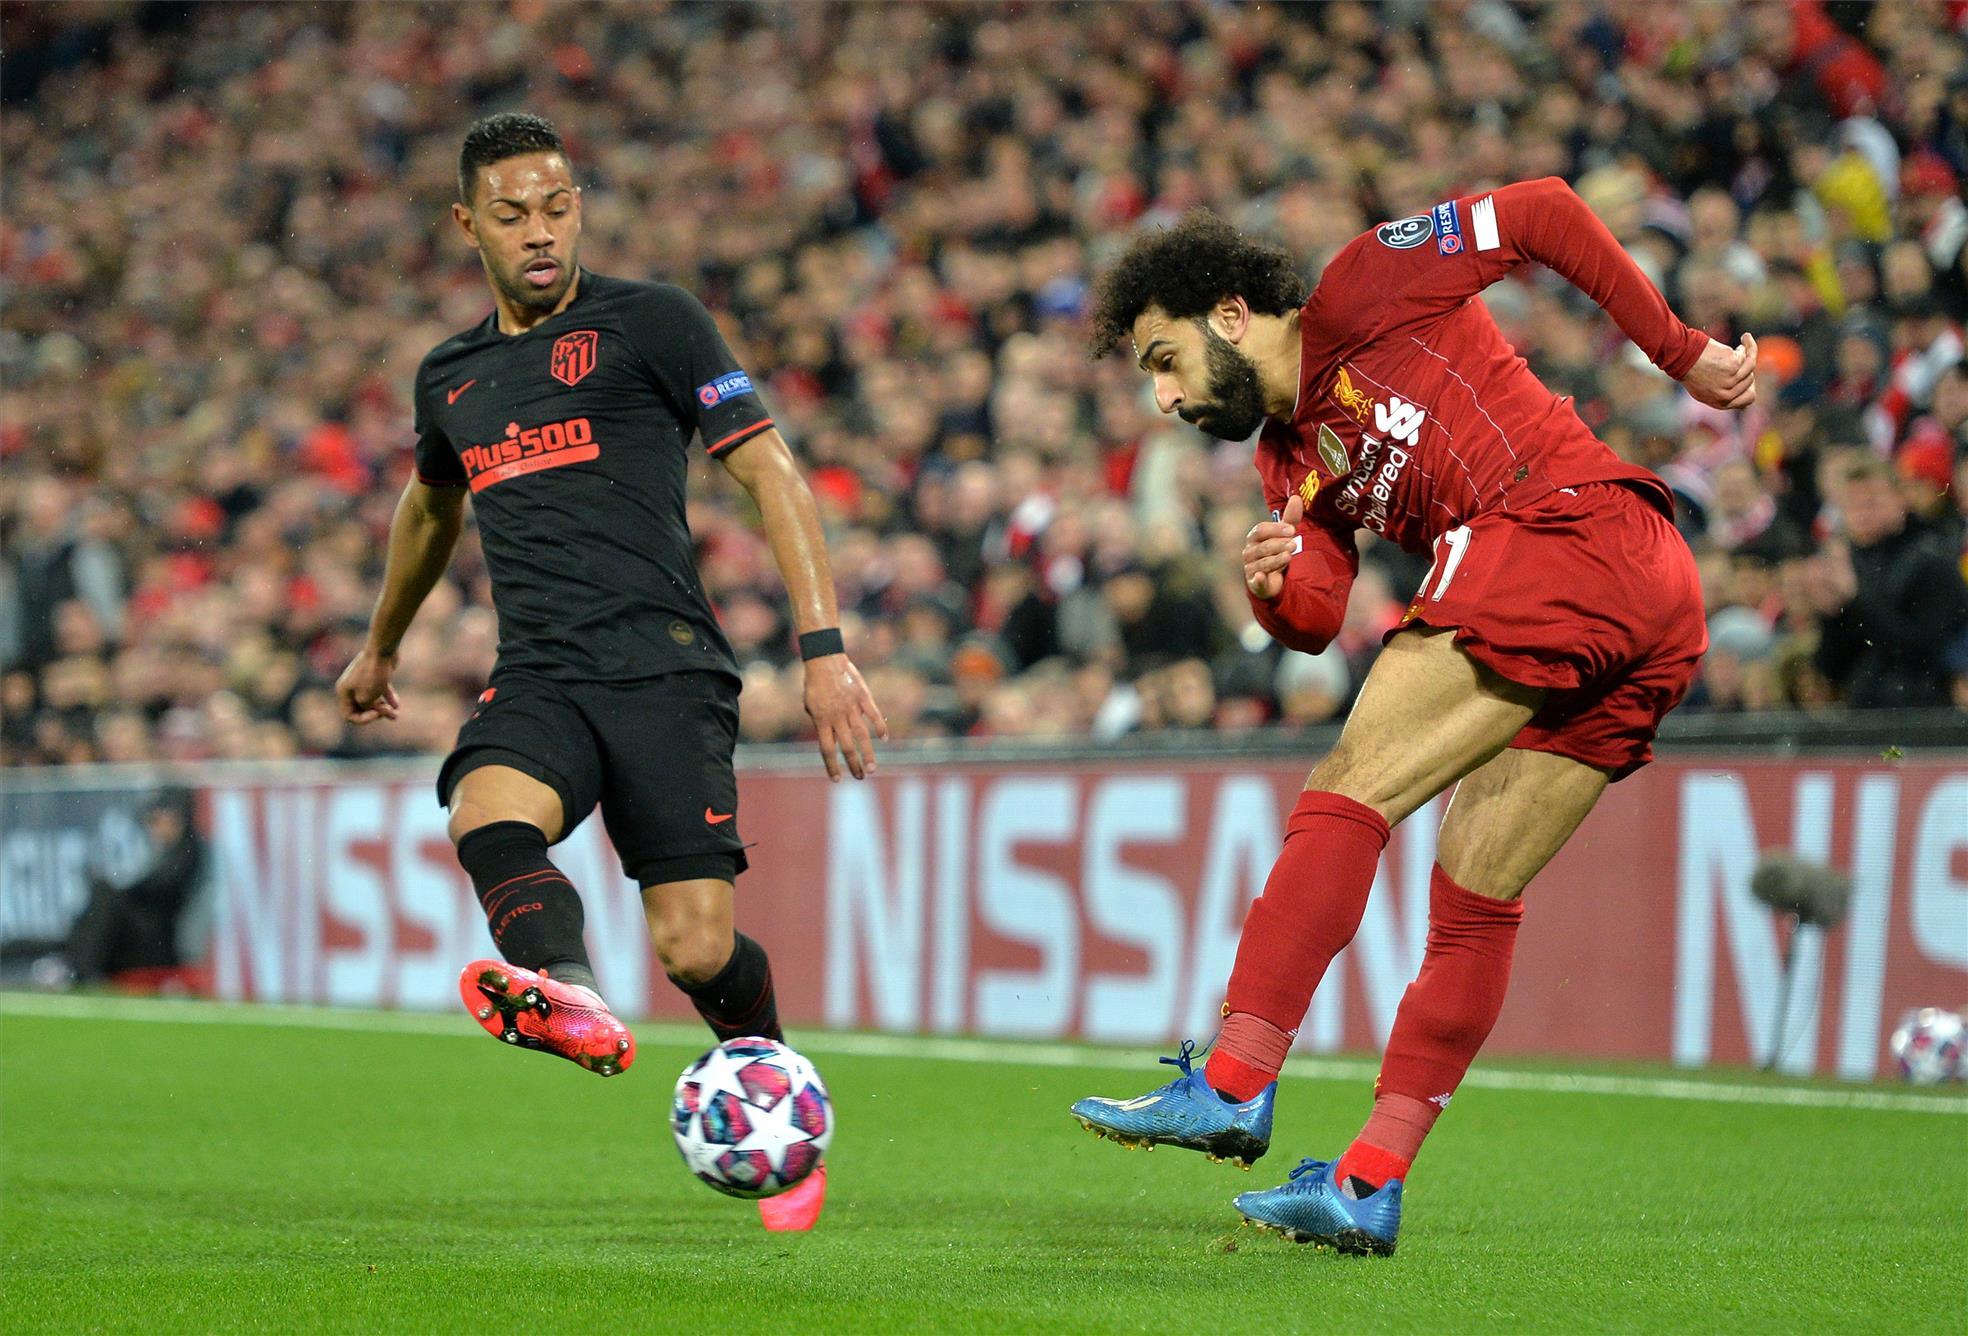 محمد صلاح خلال مباراة أتلتيكو مدريد